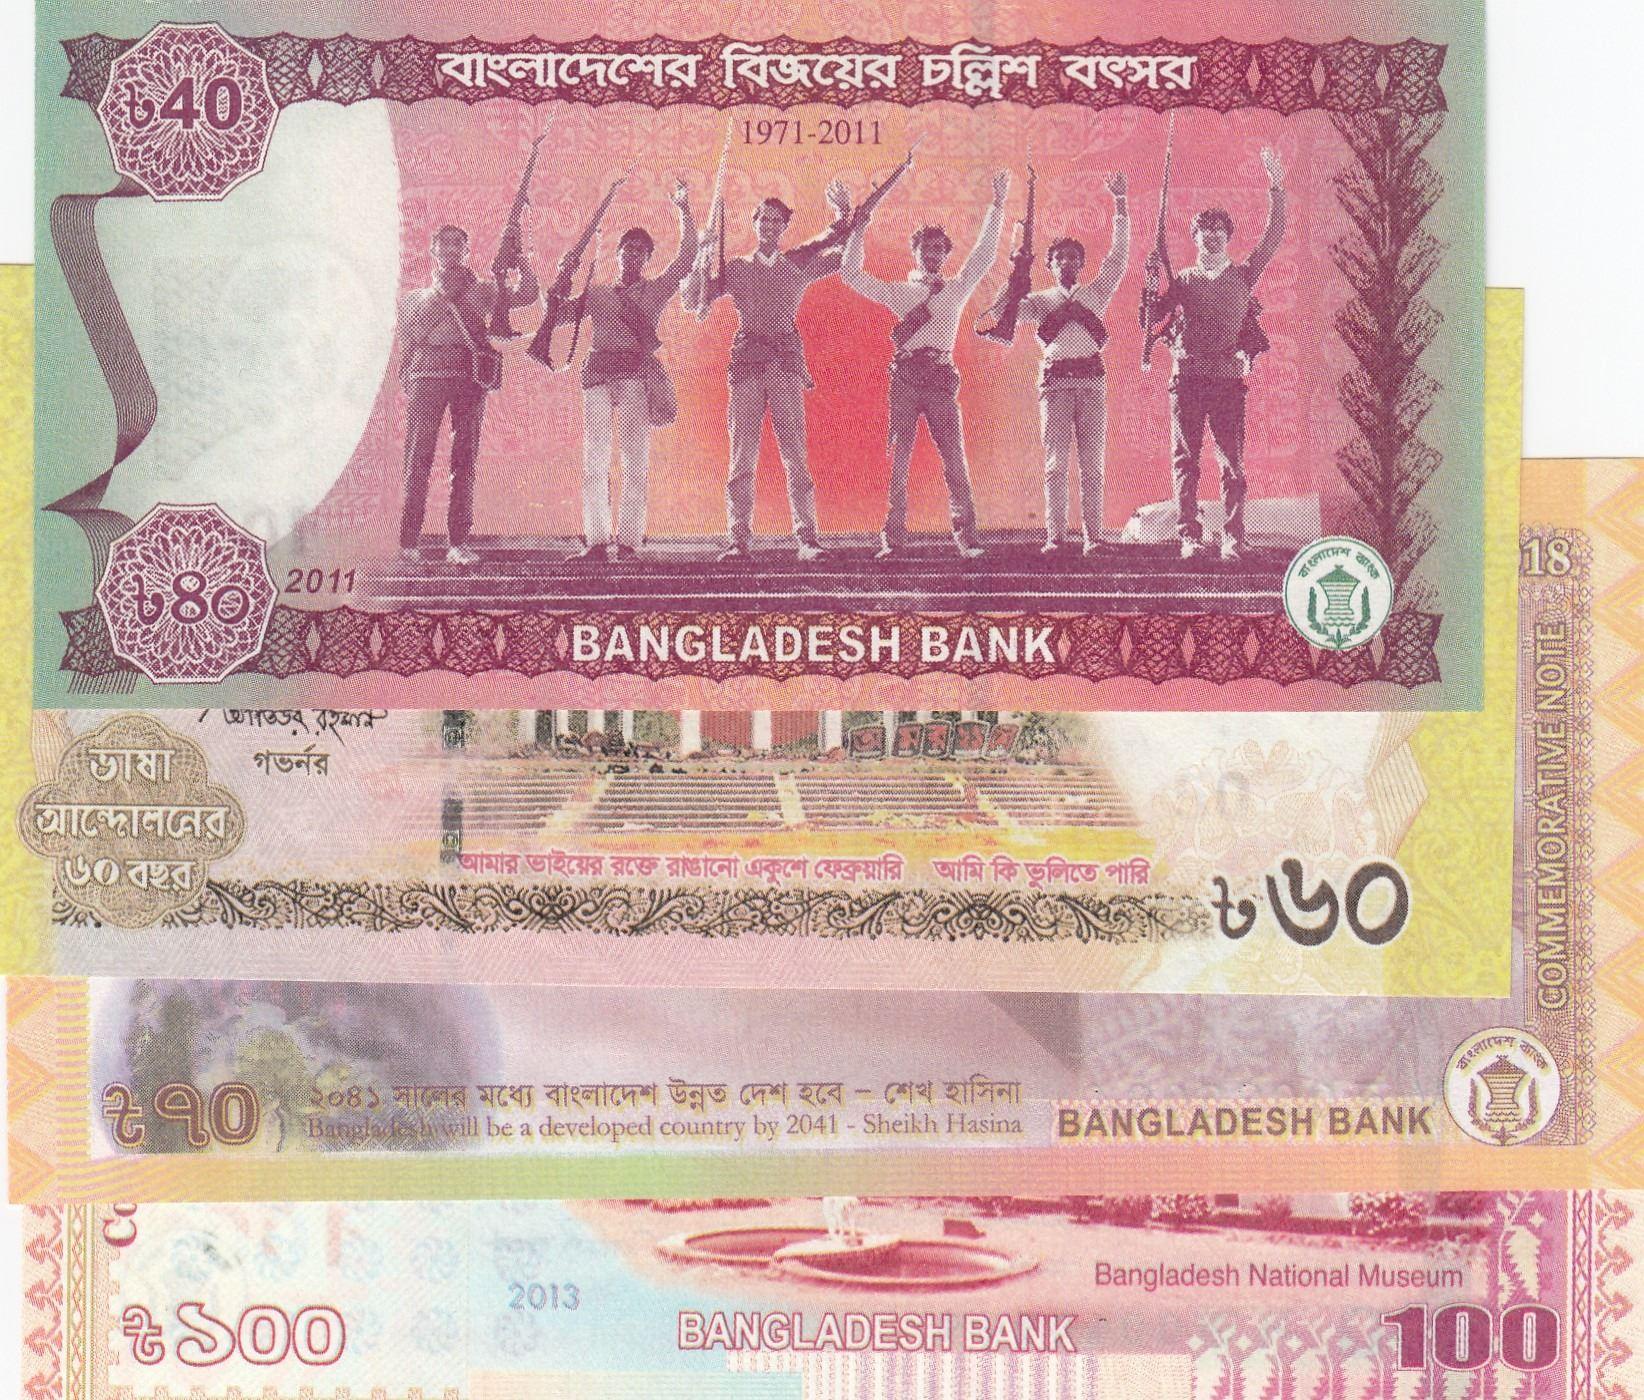 2019 P-NEW Bangladesh 100 Taka UNC Banknotes